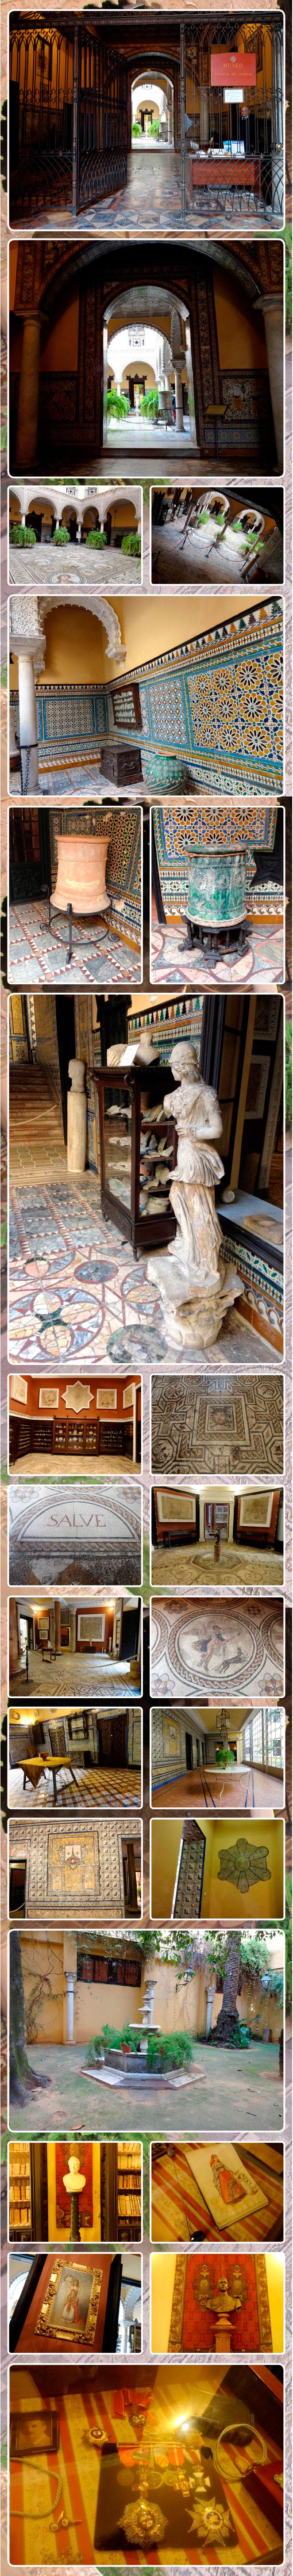 El zaguán con azulejos del siglo XVIII, el patio principal con un mosaico original del siglo II y III d.C, los salones rojos donde hay vitrinas con objetos romanos y la Sala de la Medusa